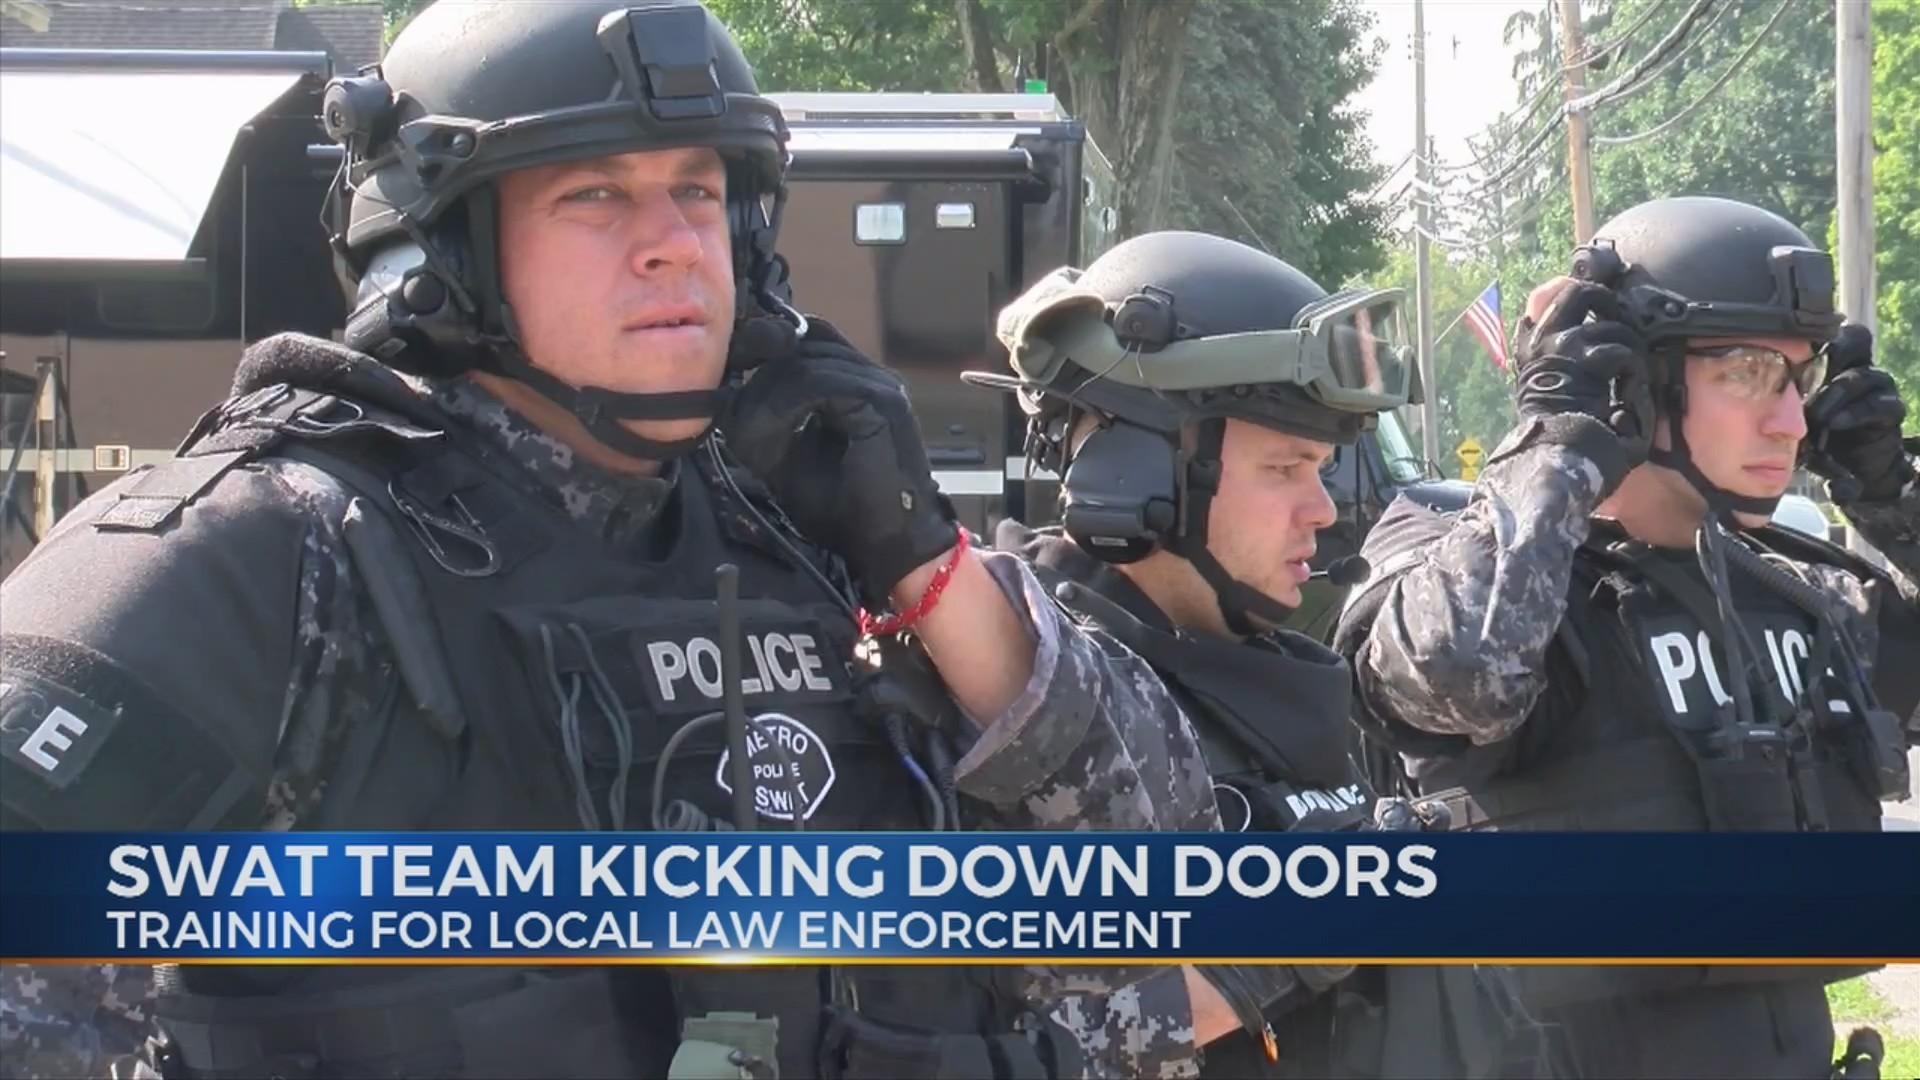 SWAT_Team_Kicking_Down_Doors_0_20180815224031